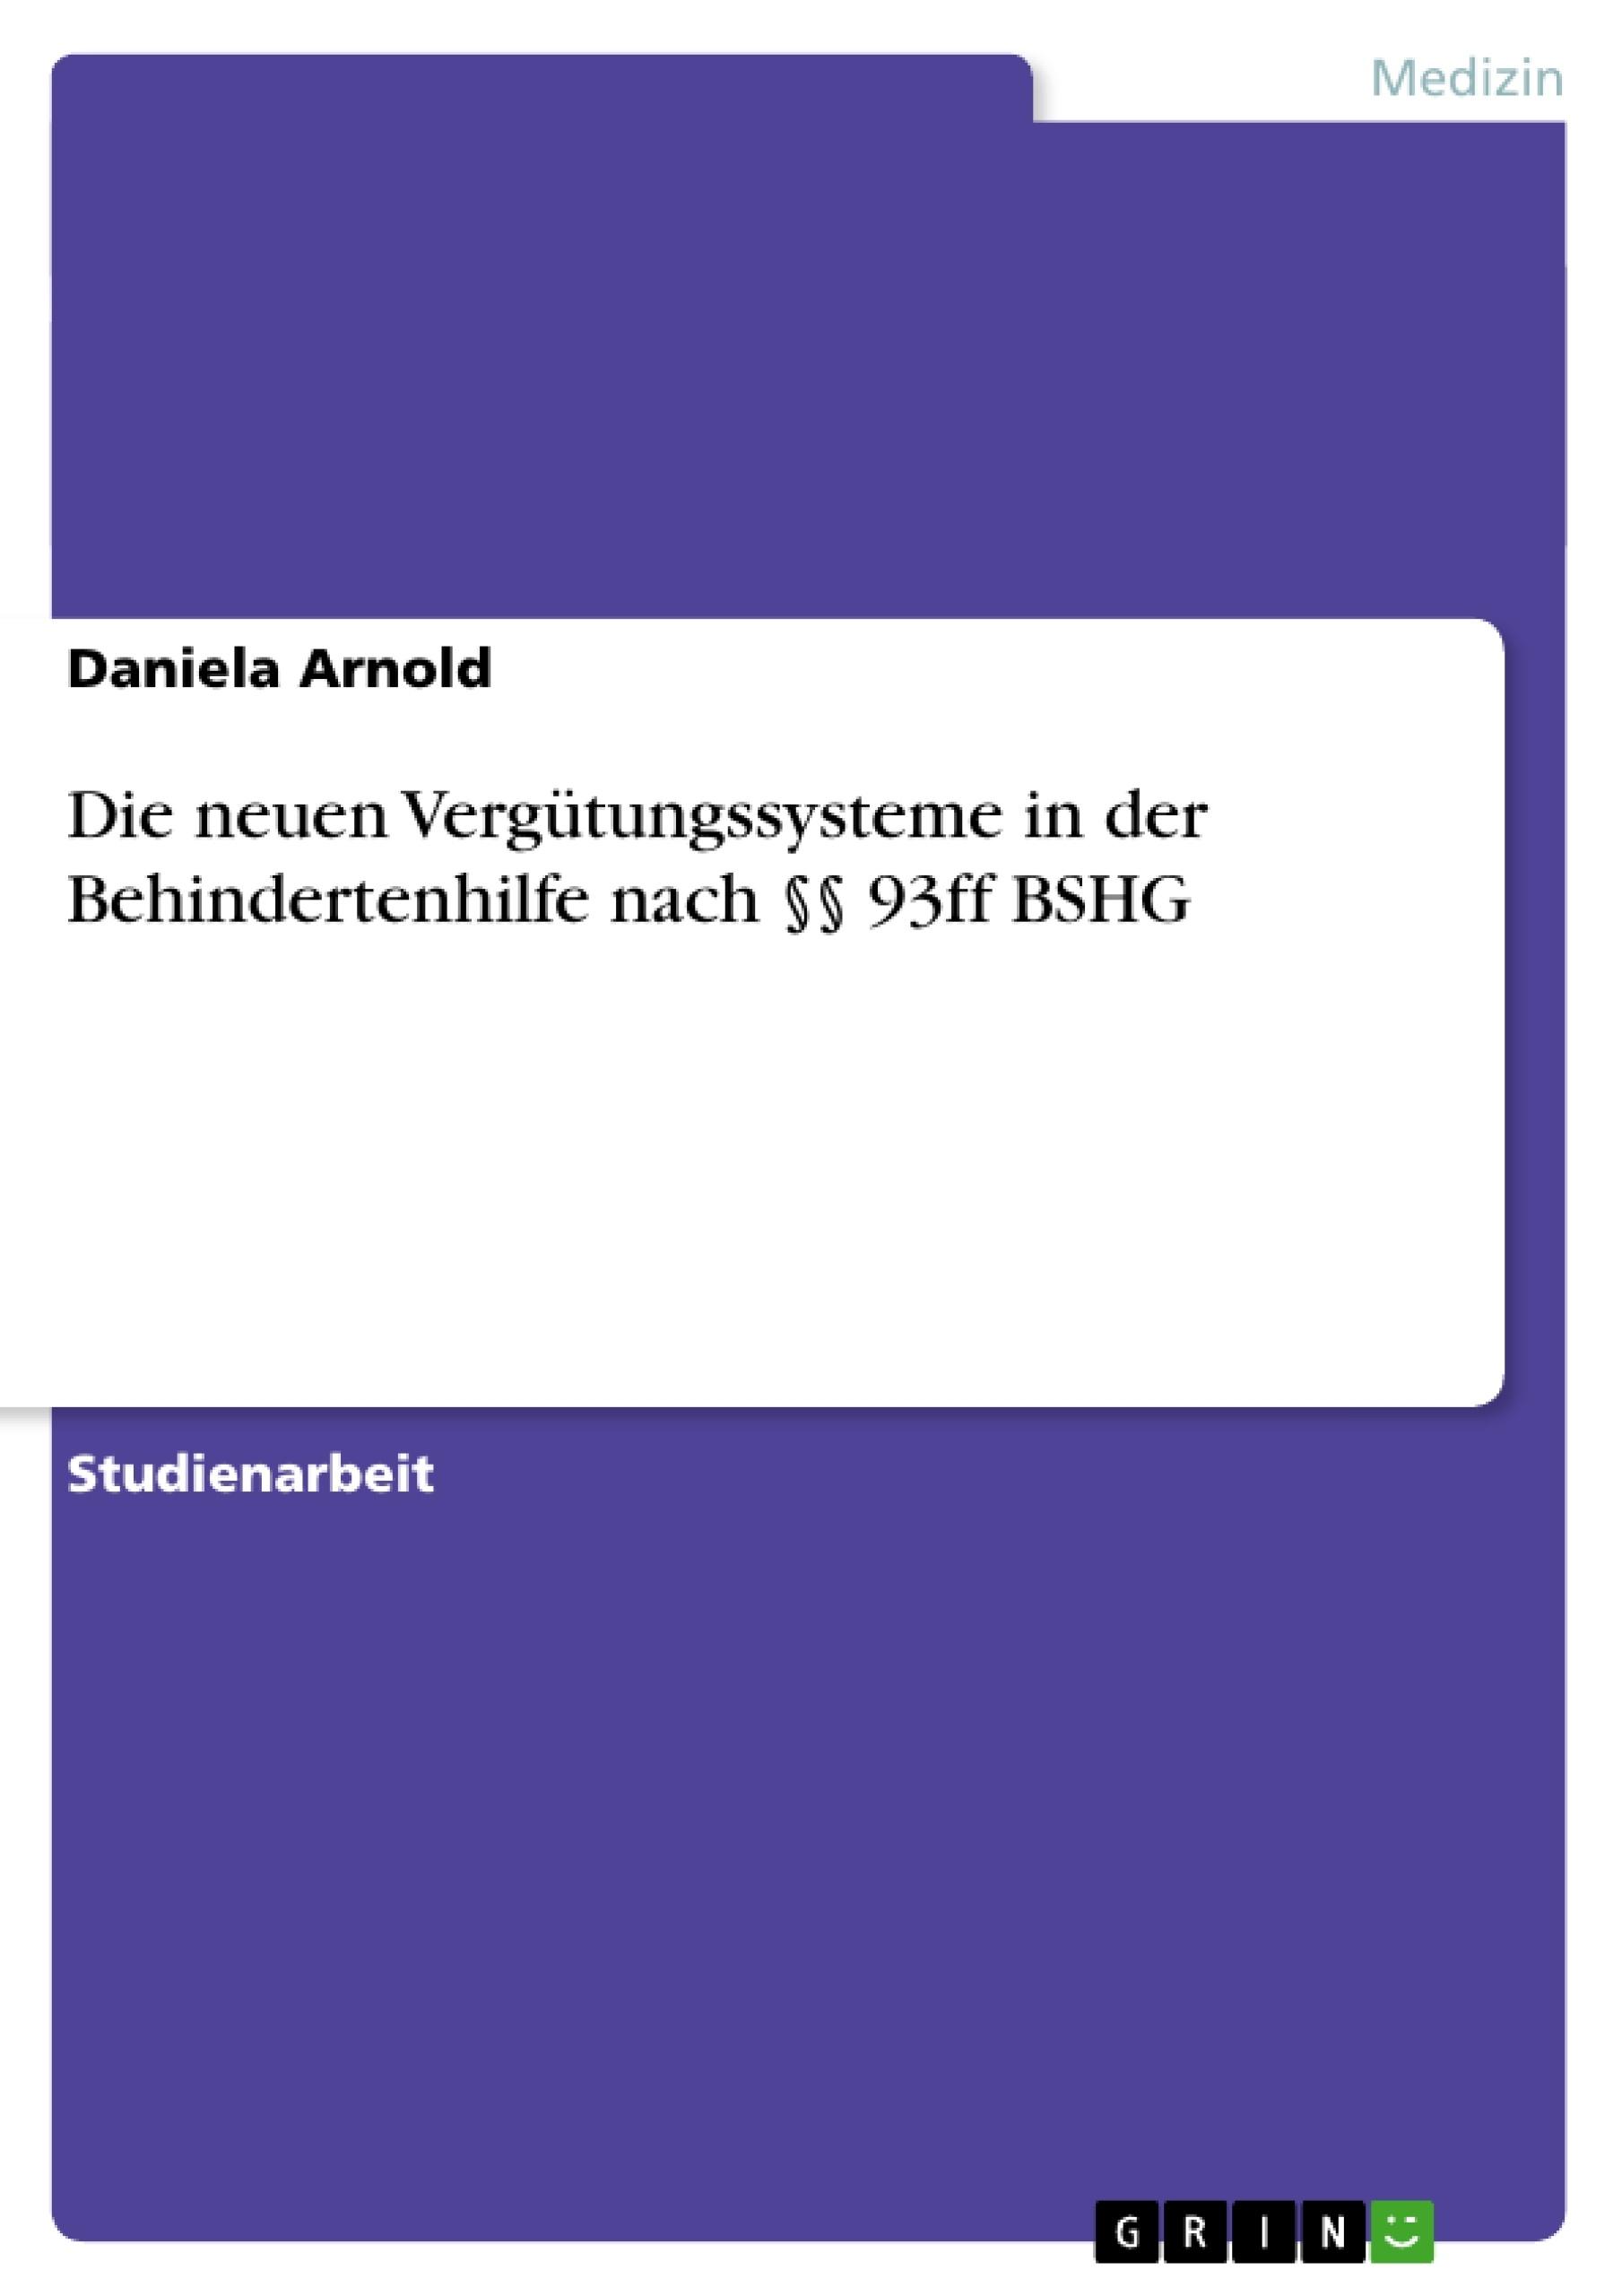 Titel: Die neuen Vergütungssysteme in der Behindertenhilfe nach §§ 93ff BSHG